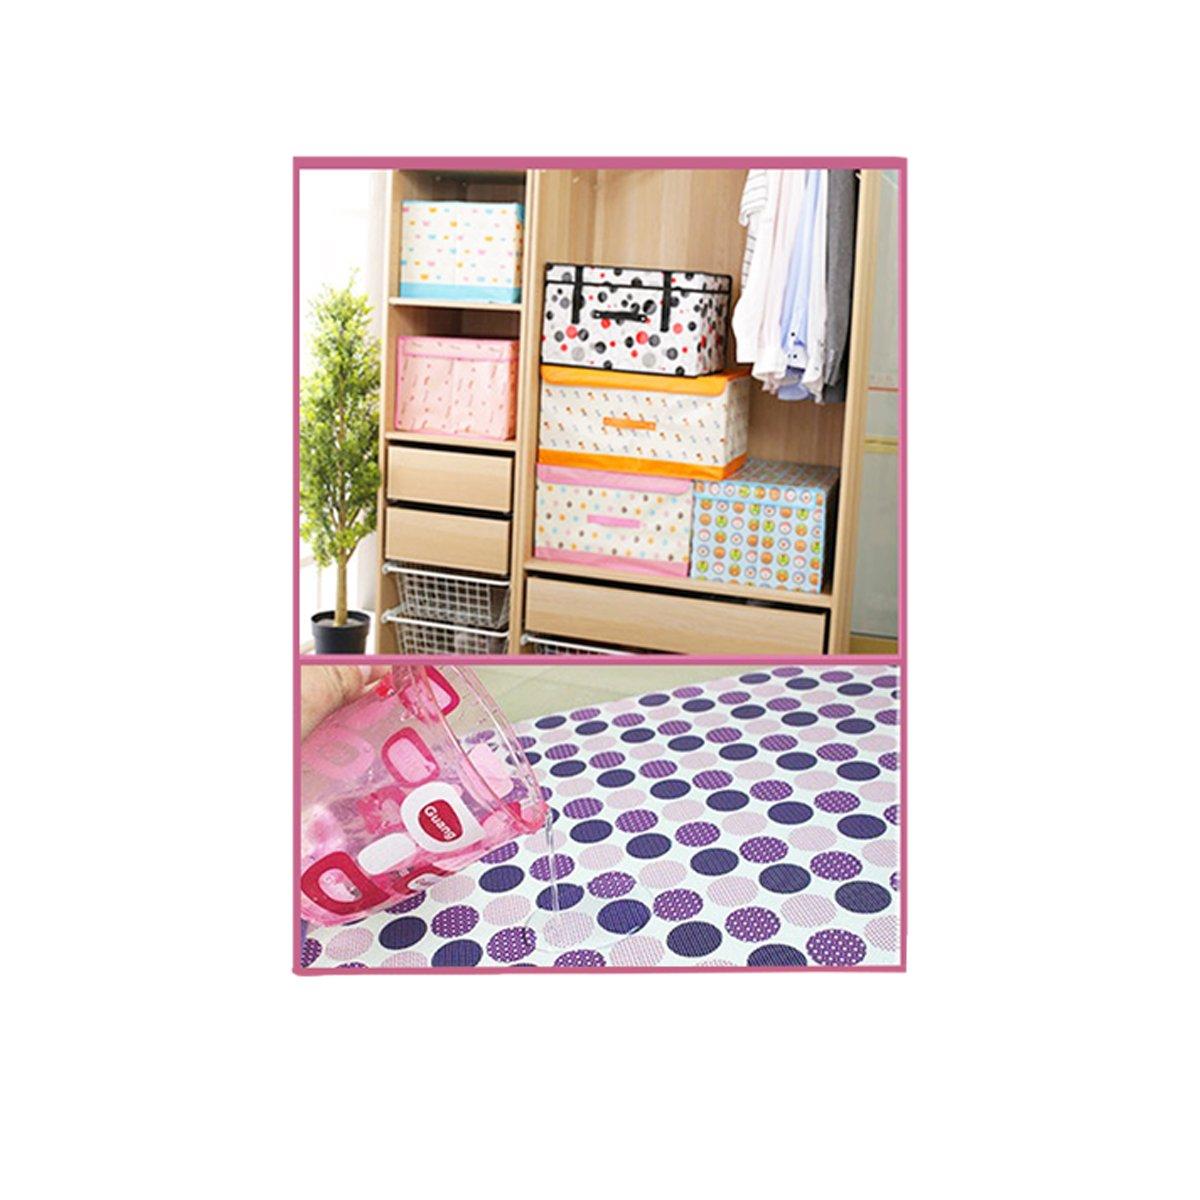 Caja Organizador de Ropa, Toallas, sabanas, Zapatos etc... Diseño Paris con Tapa, Impermeable y Resistente. Tamaño 40x30x25cm: Amazon.es: Hogar